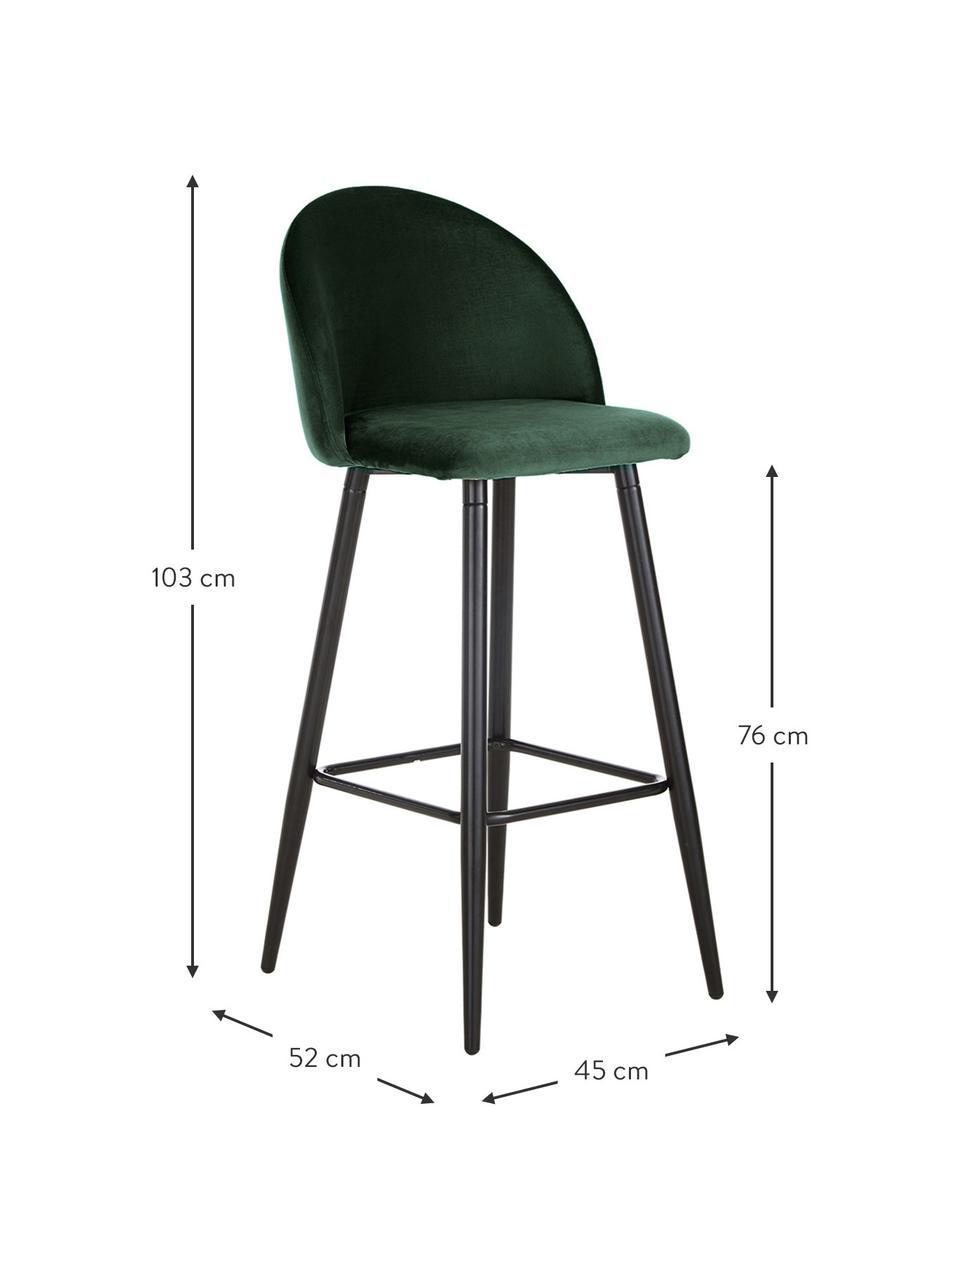 Samt-Barstuhl Amy in Dunkelgrün, Bezug: Samt (Polyester) Der hoch, Beine: Metall, pulverbeschichtet, Samt Dunkelgrün, 45 x 103 cm